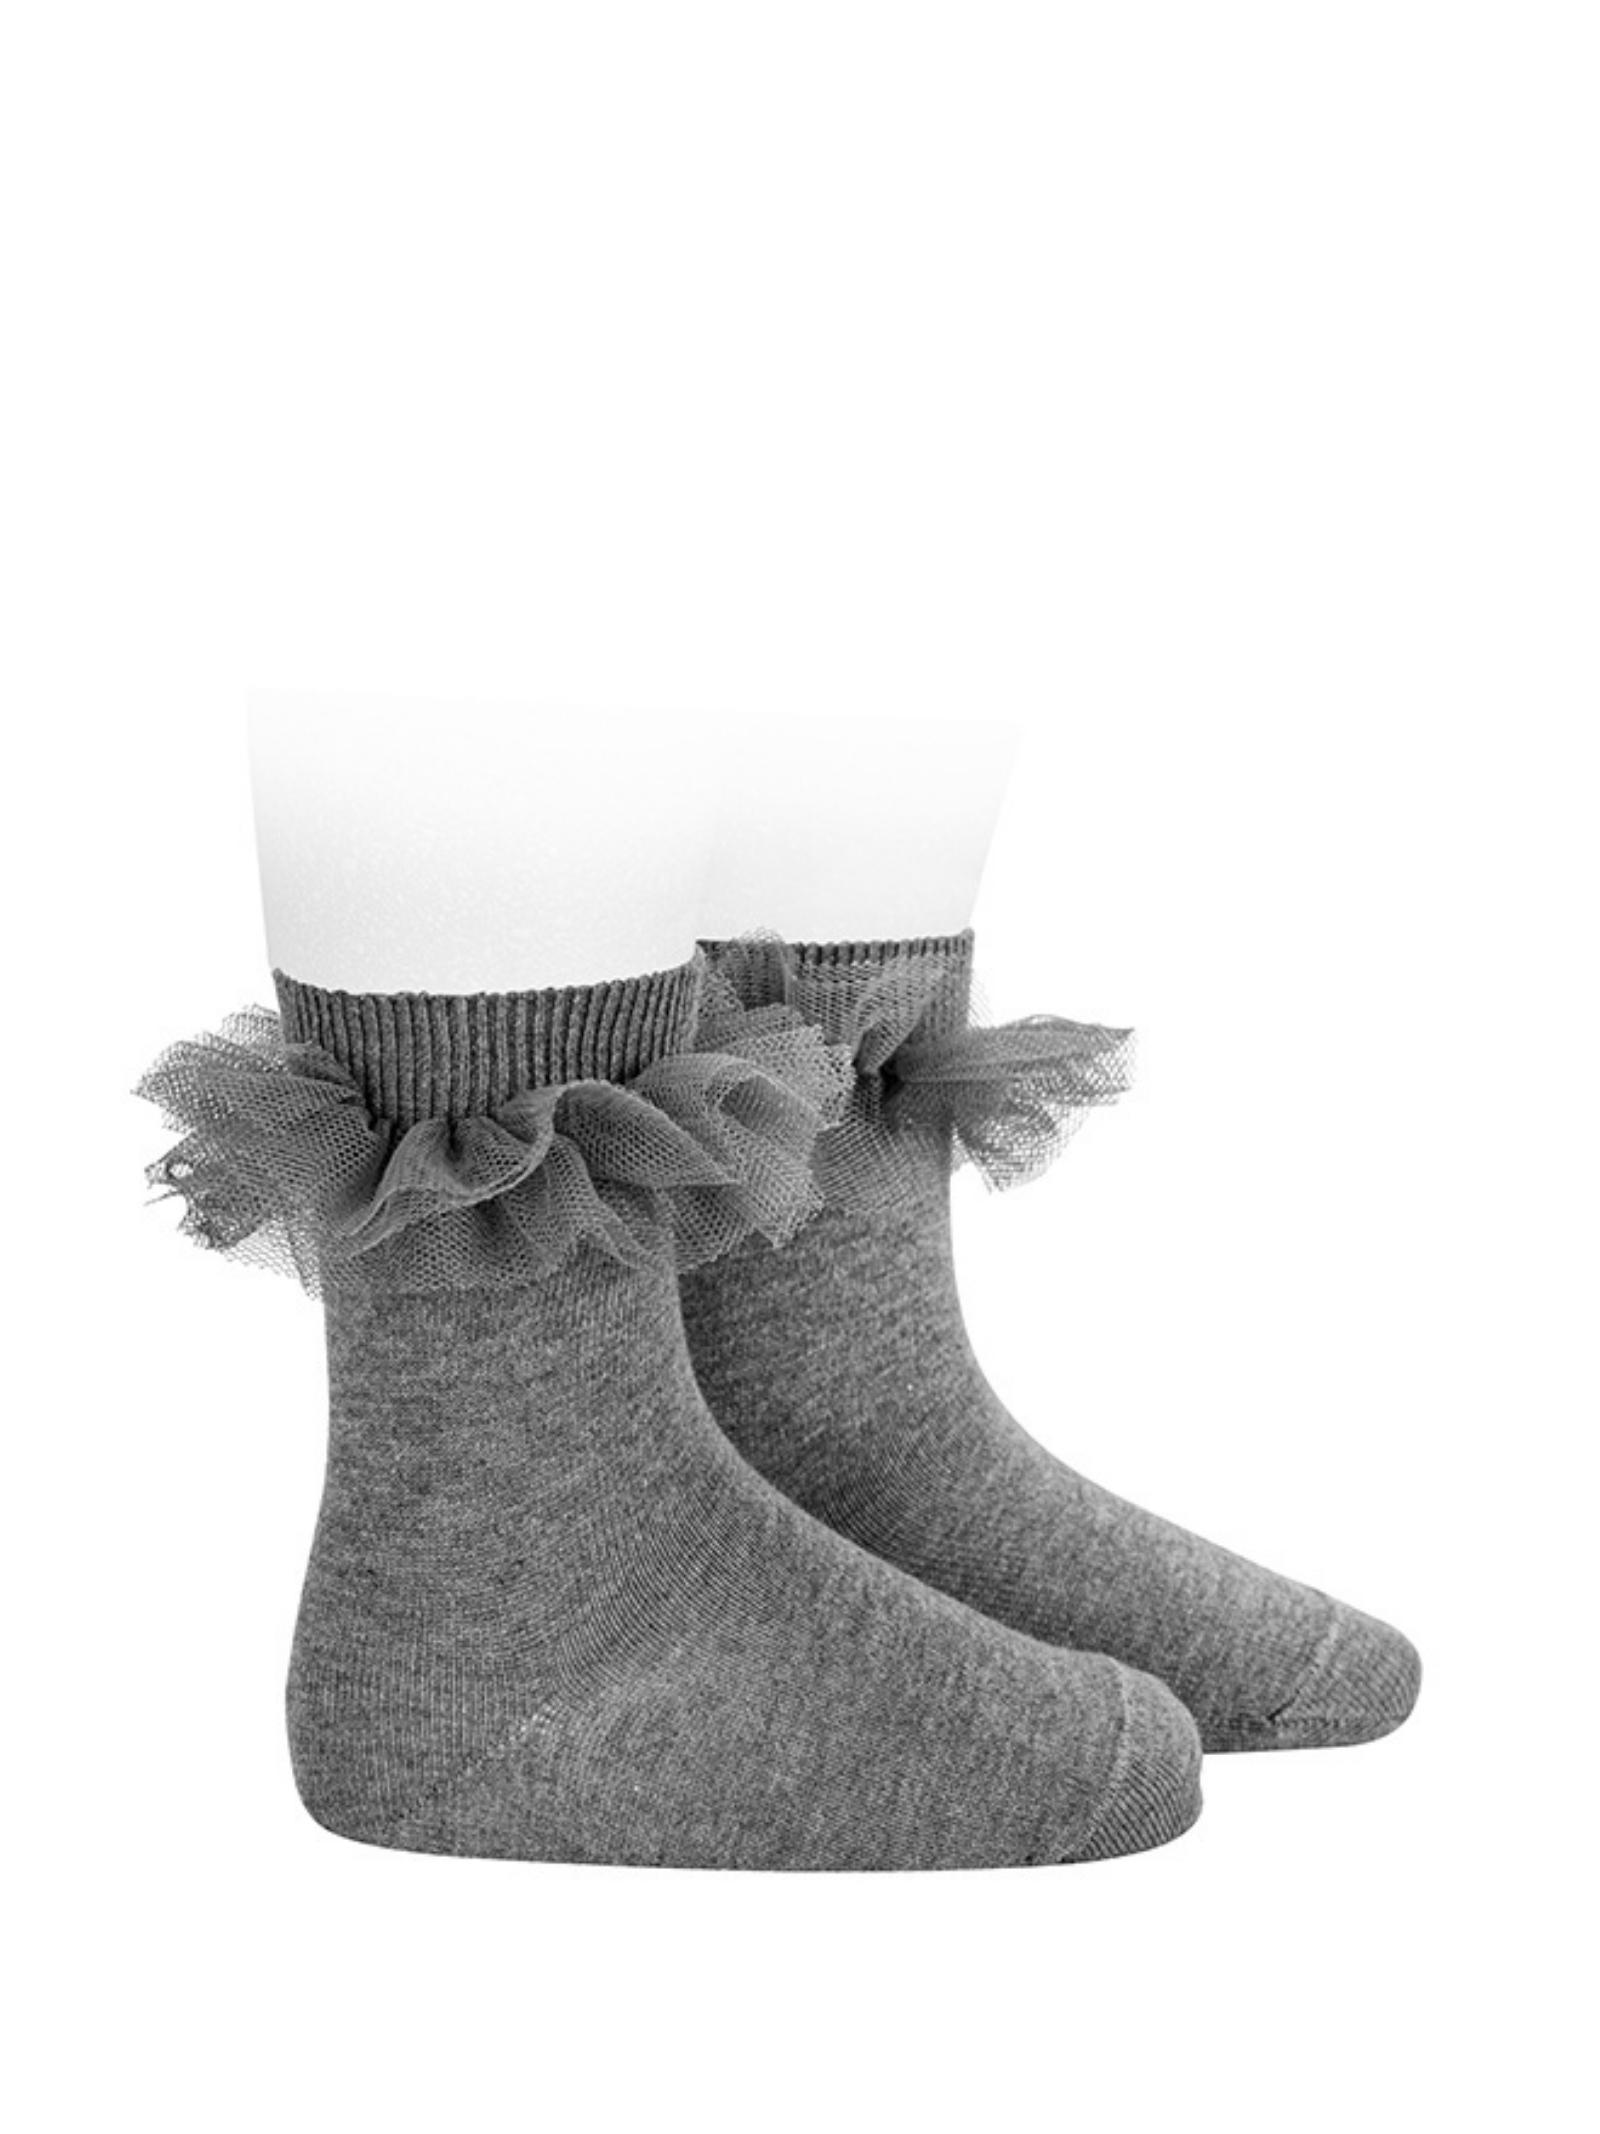 Low Tulle Socks for Girls CONDOR | Socks | 24944230